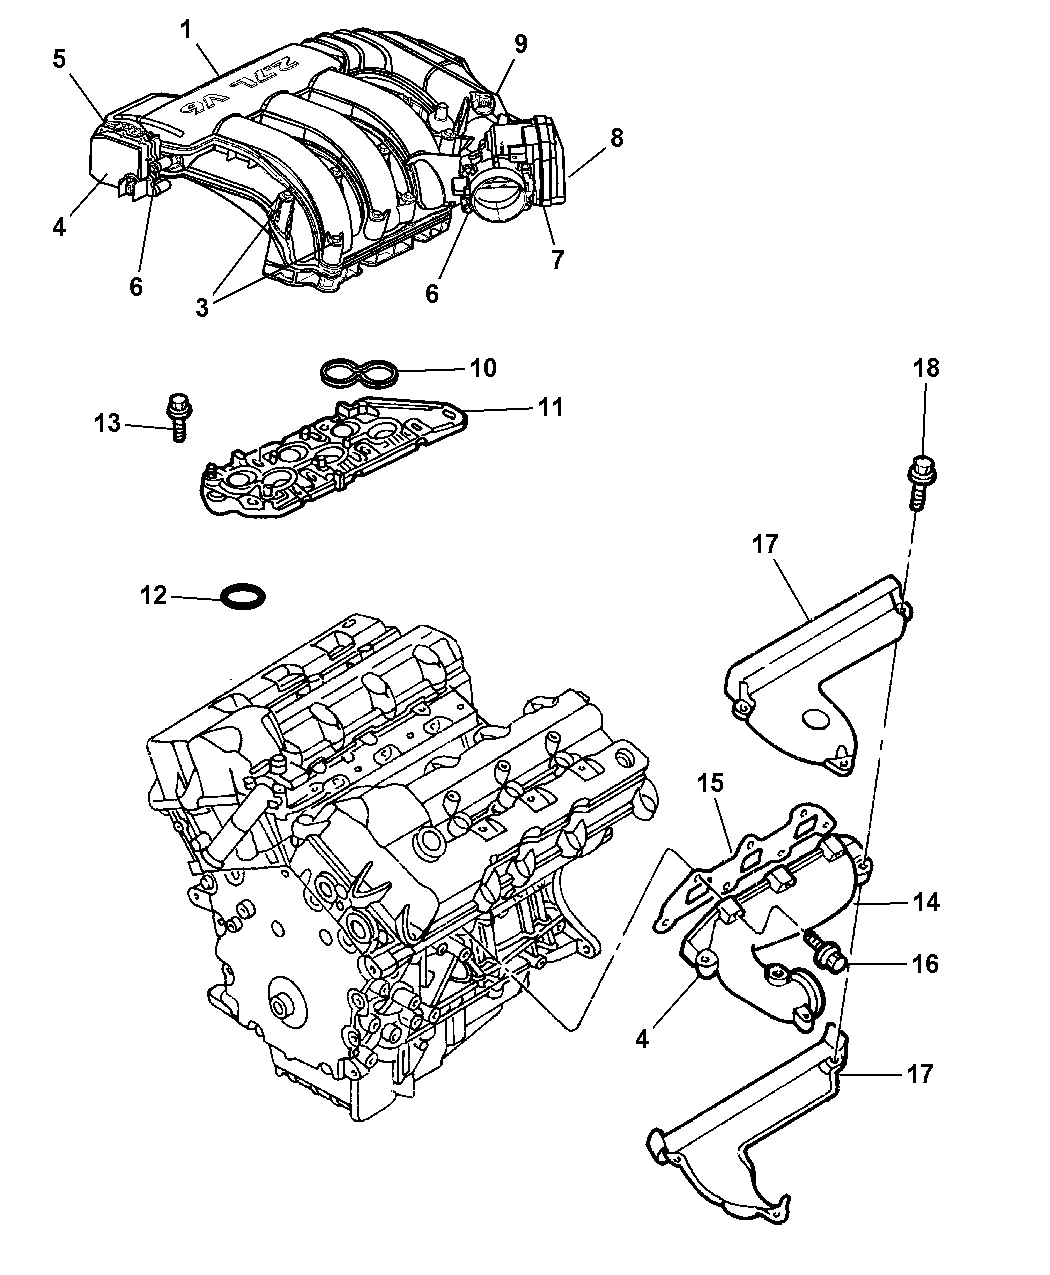 2005 Dodge Magnum Engine Diagram